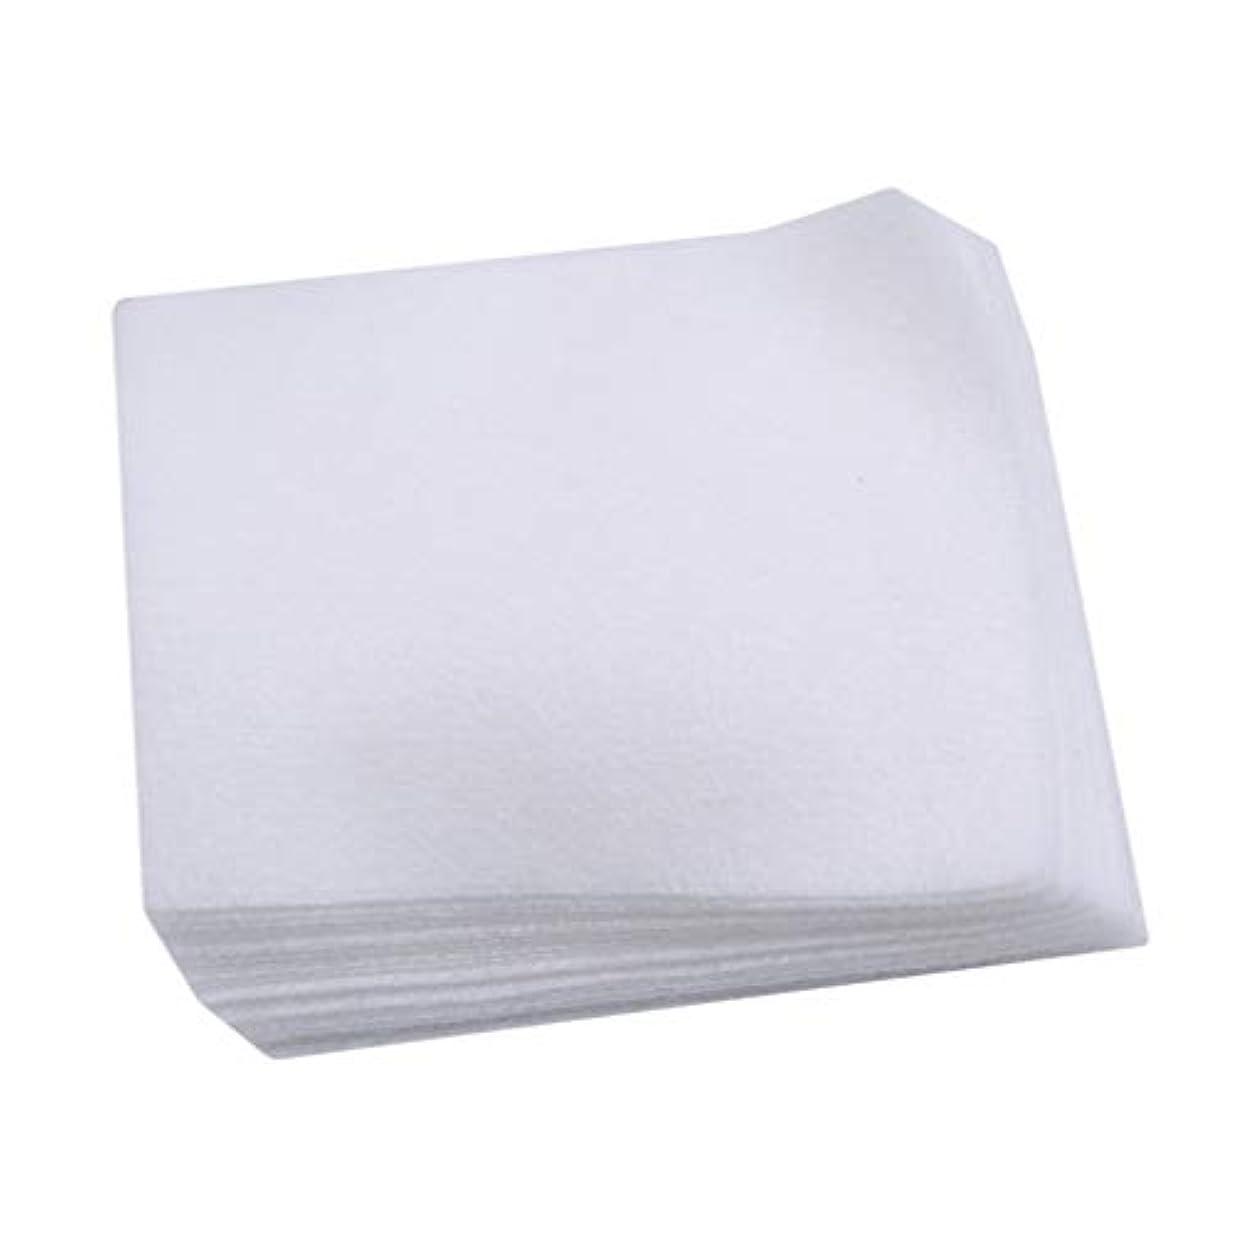 技術者衰える安らぎNoonlity ビューティーアップコットン 天然綿 化粧コットン 顔クレンジングシート メイク落としシート 角質のふきとり